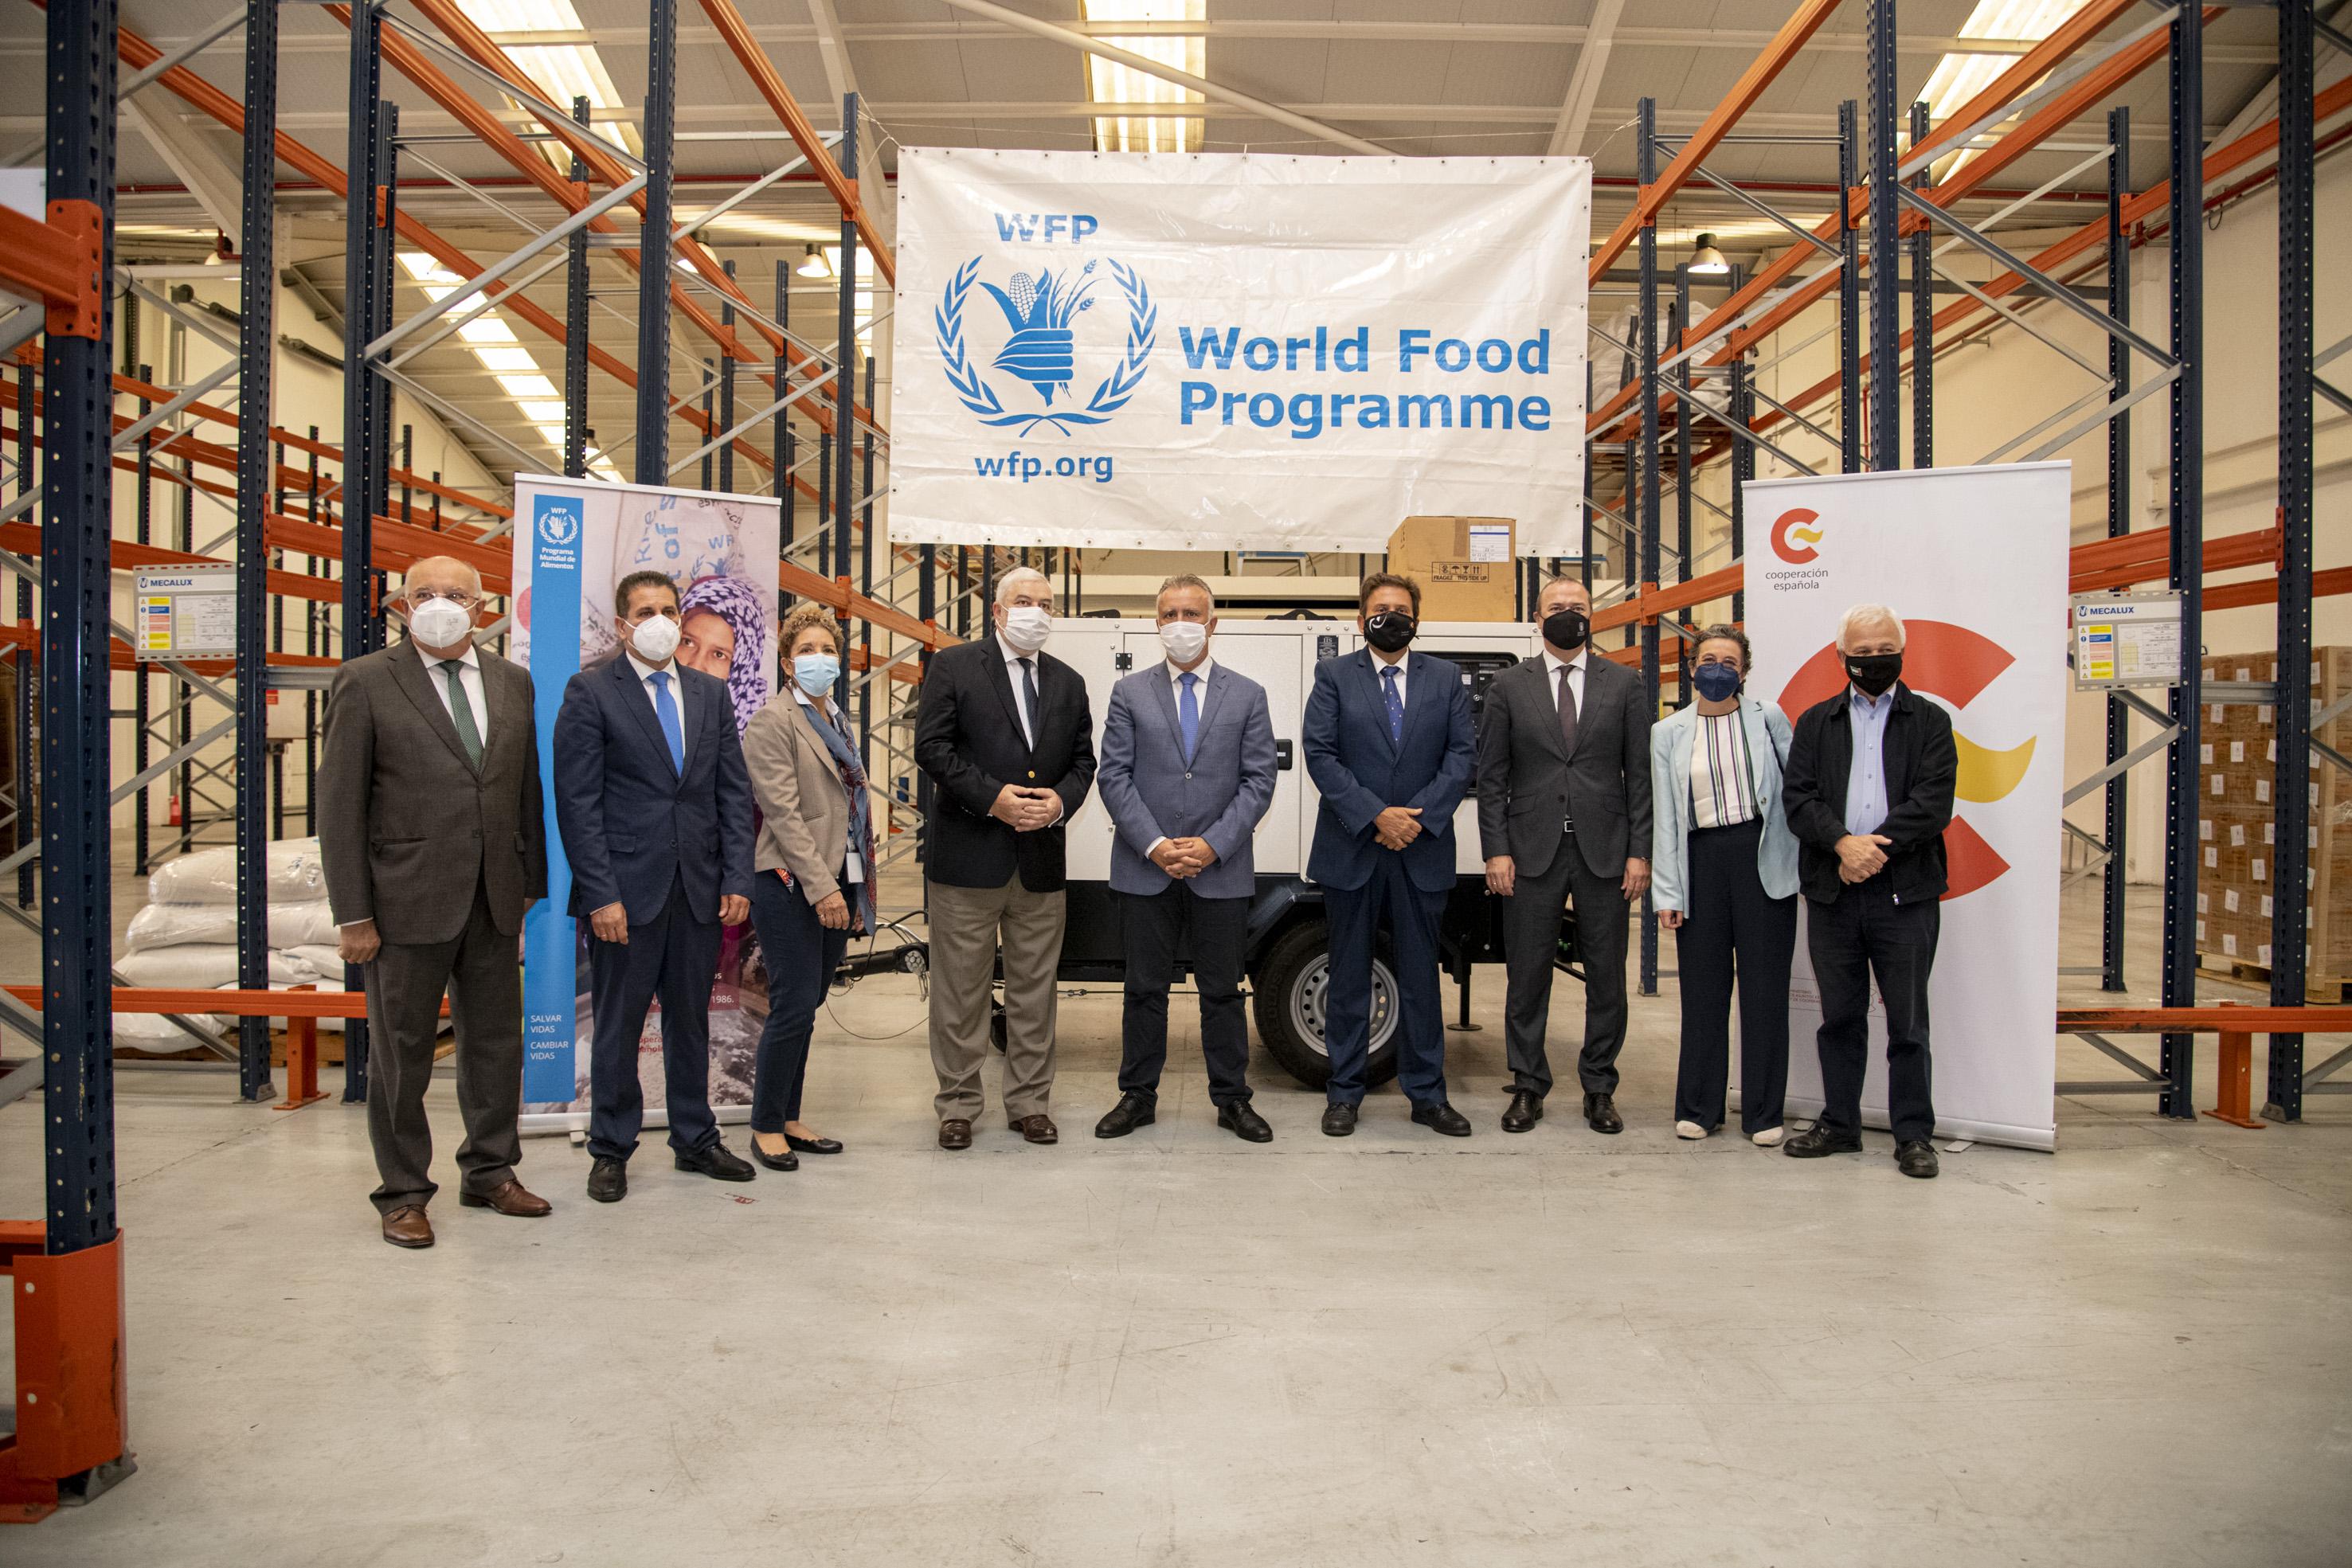 El presidente de Canarias celebra la prórroga de un año del Programa Mundial de Alimentos en el Puerto de la Luz